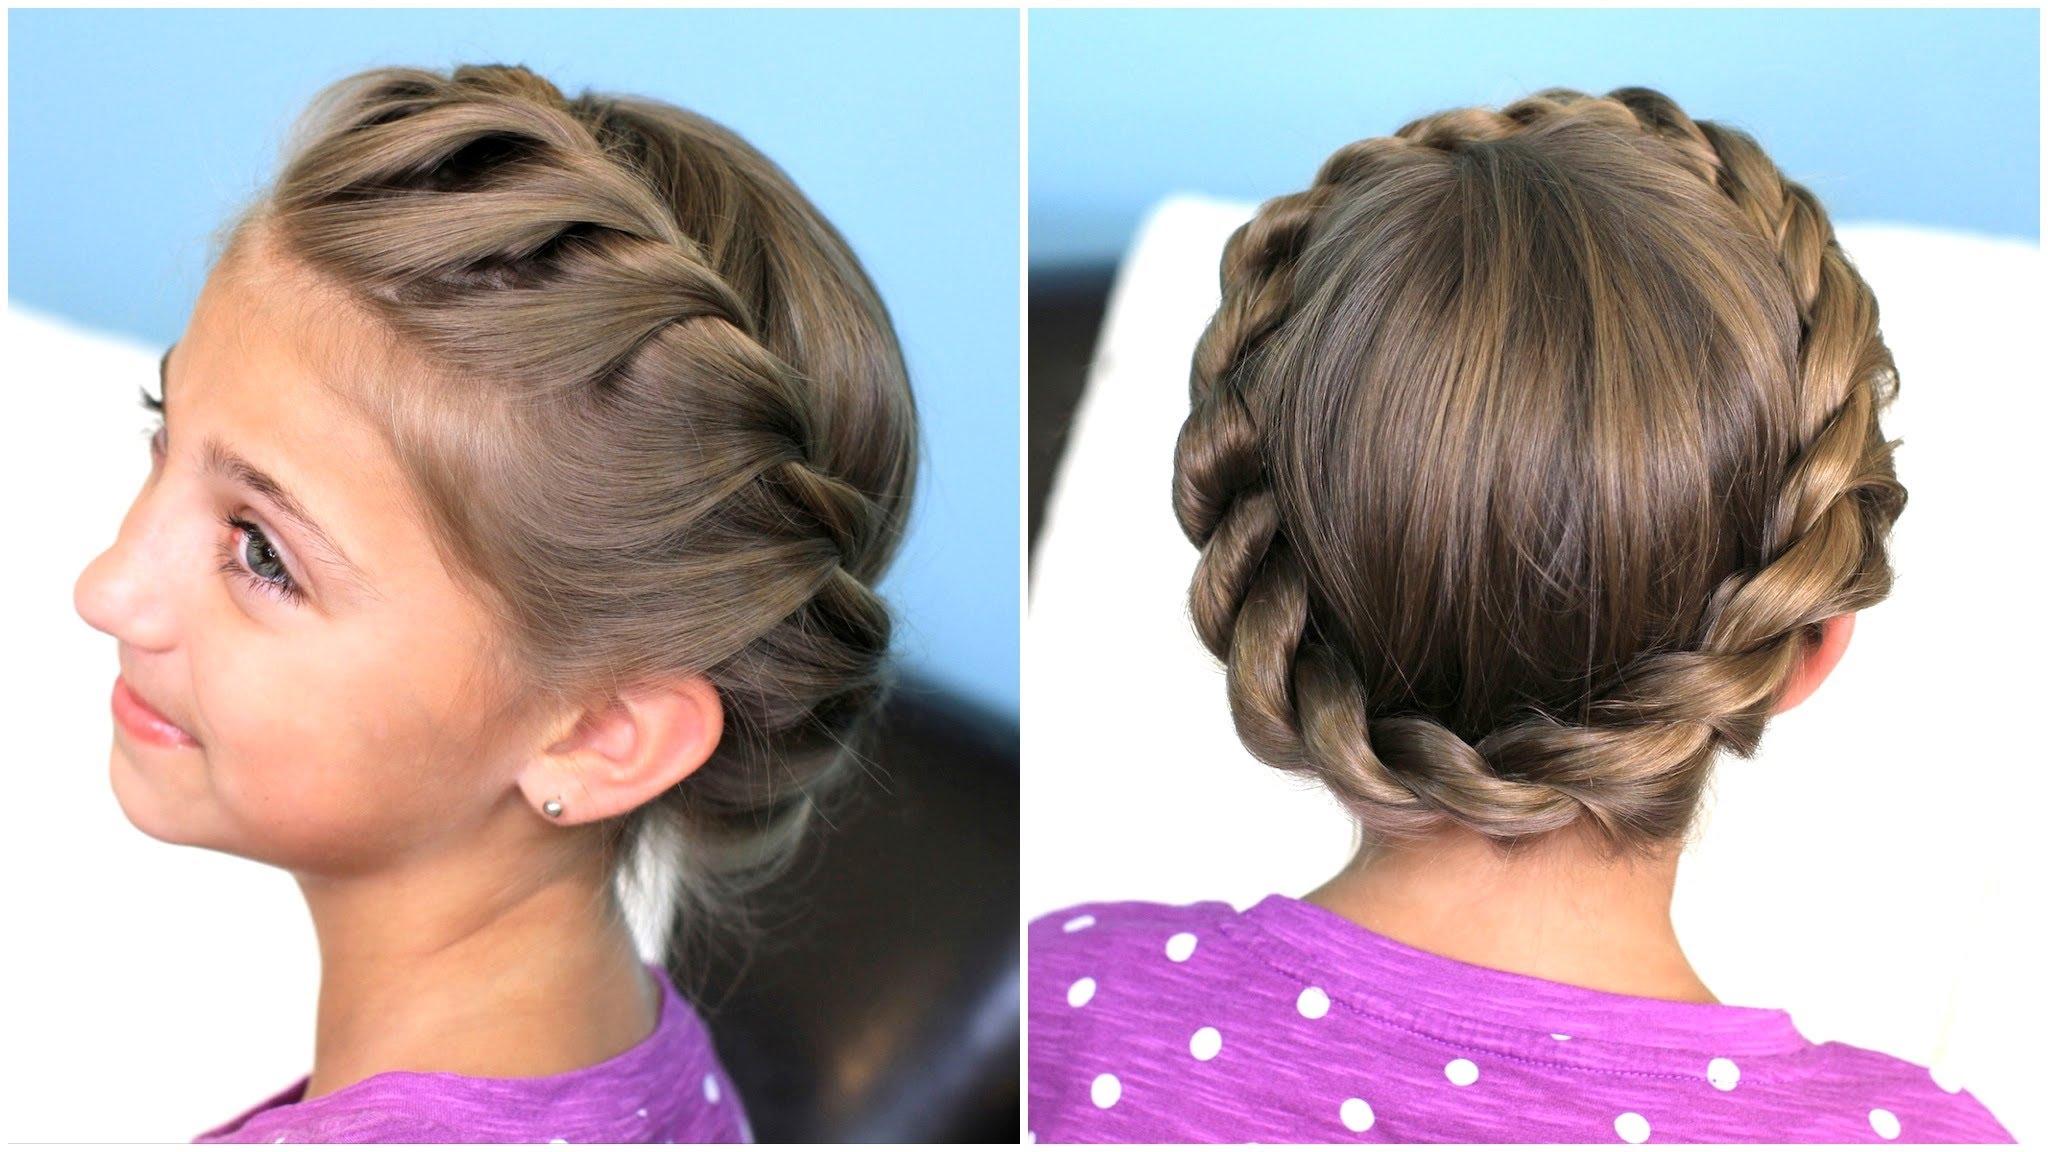 На фото: раздничная прическа для девочек на длинные волосы, которые легко повторить.